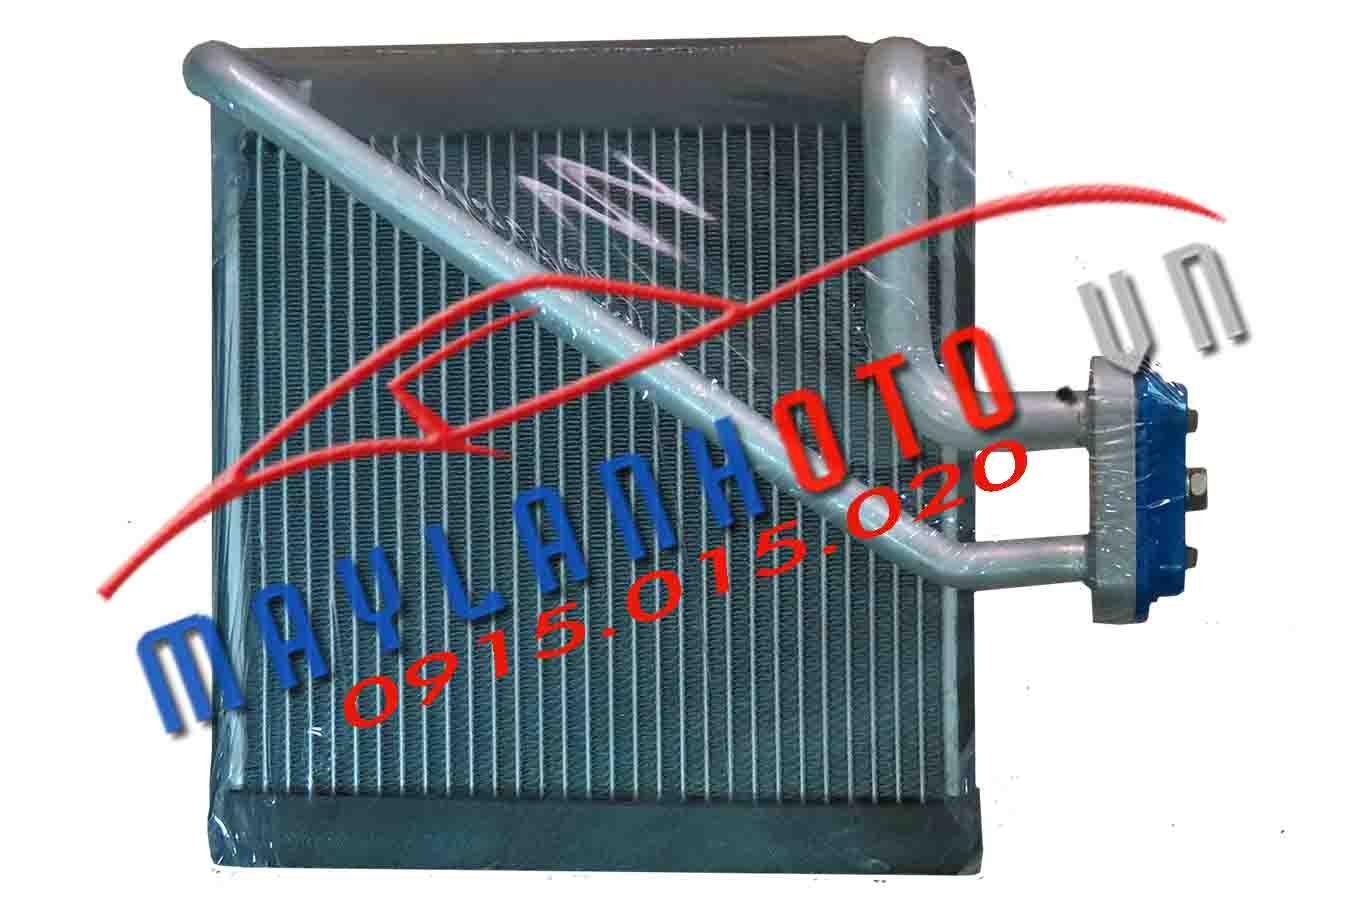 Daewoo Lacetti 03-08 / Dàn lạnh Daewoo Lacetti 2003-2008 / Giàn lạnh Daewoo Lacetti 2003-2008